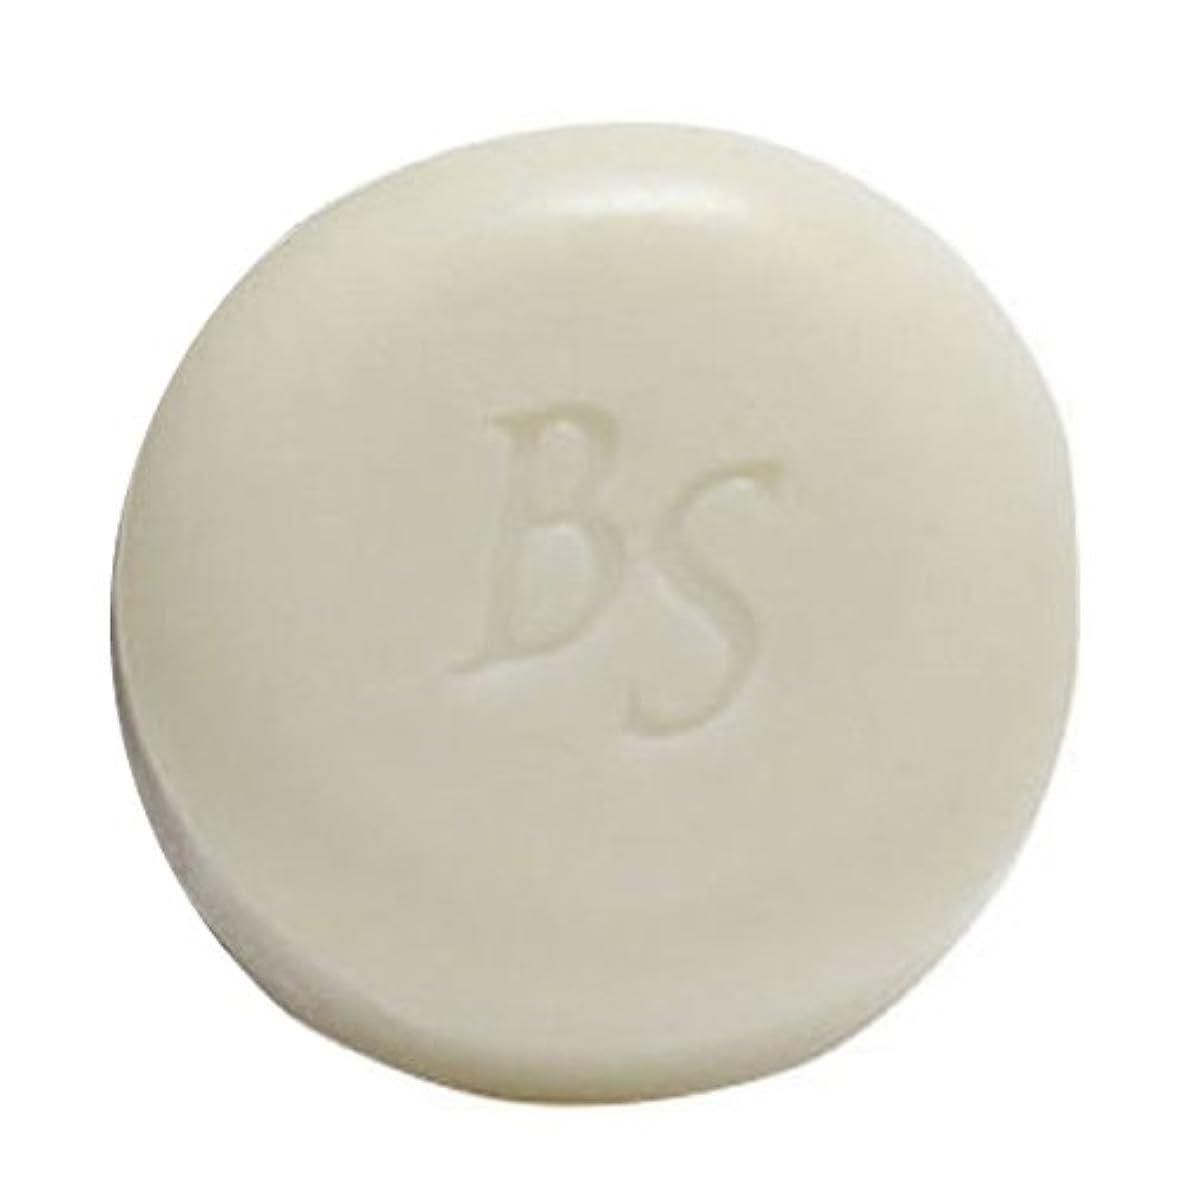 スペース代わりにを立てるオセアニアBelles Secret Soap 100g